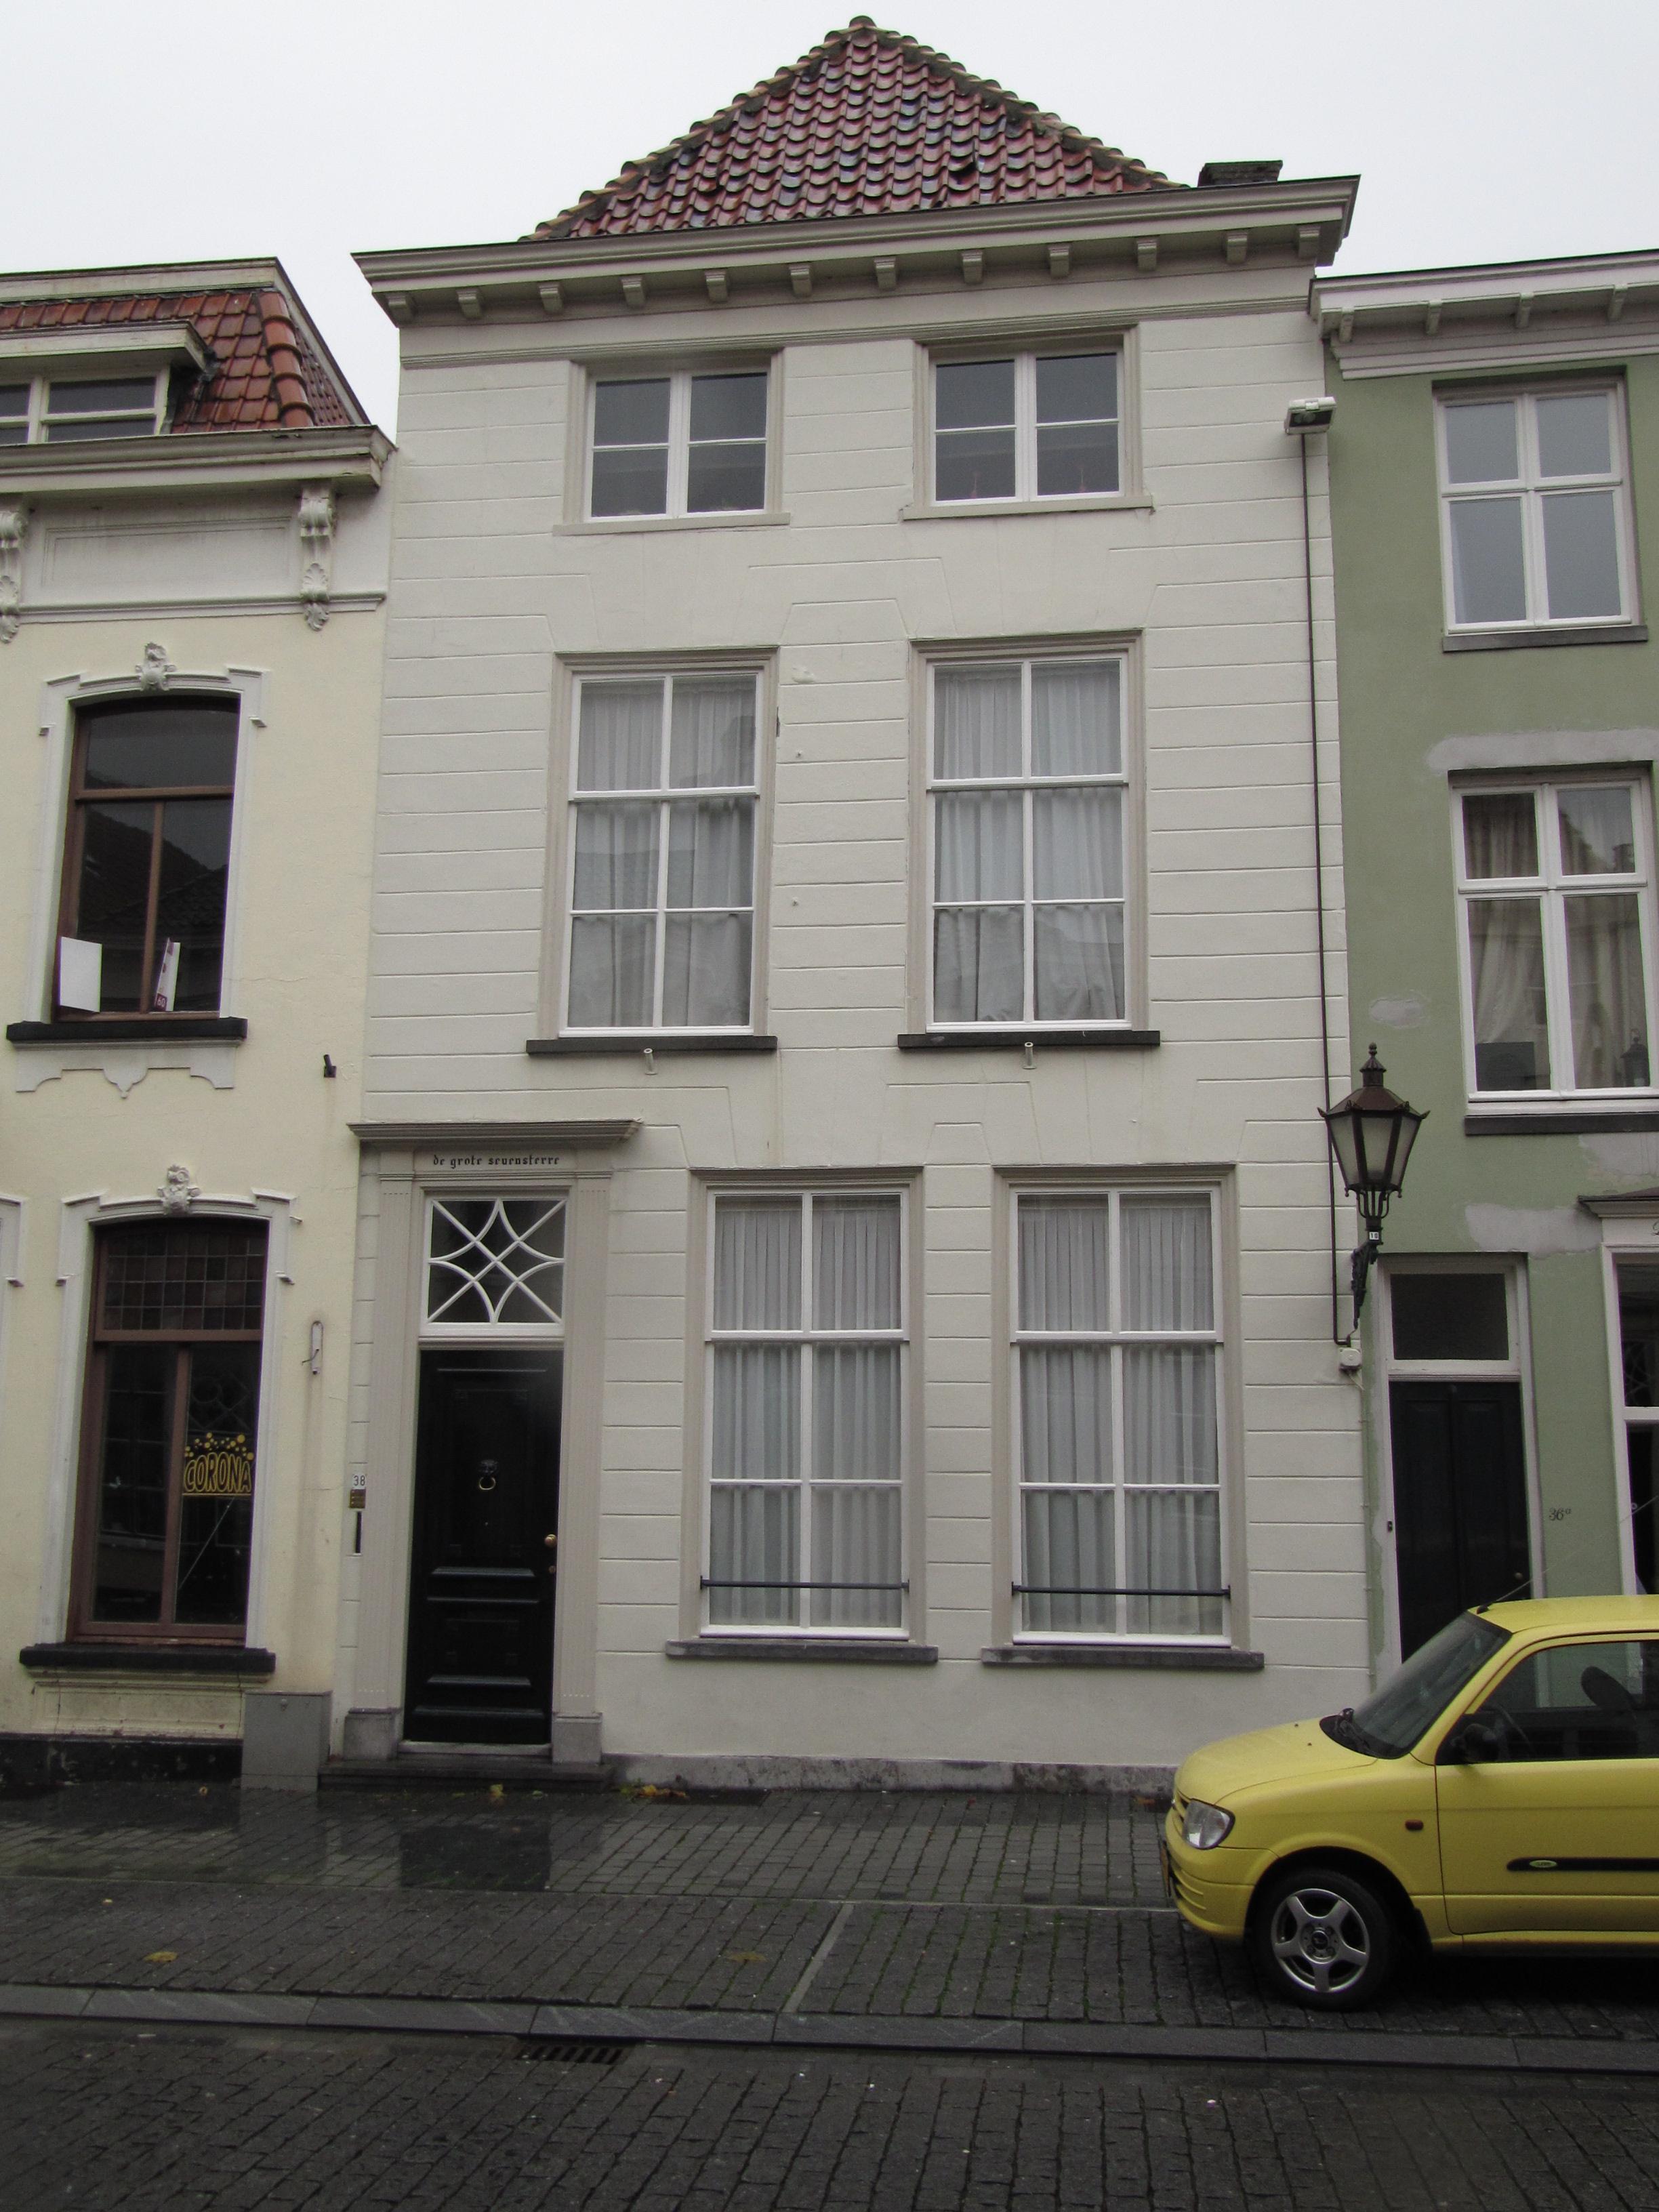 Huis met gebosseerd gepleisterde lijstgevel kroonlijst op klossen en ingang tussen - Huis ingang ...